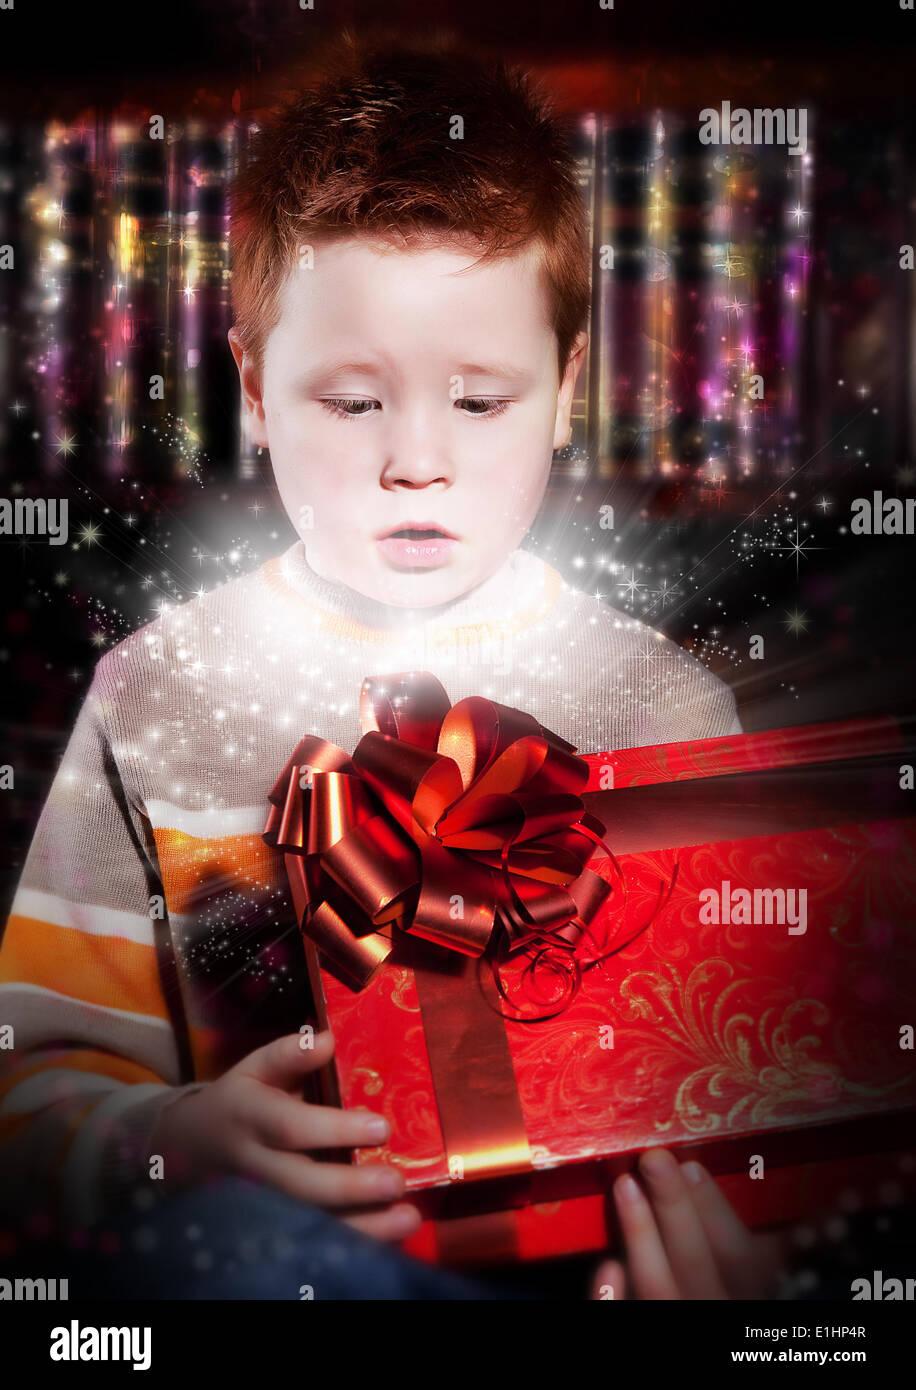 Anniversaire - belle peu excité cheveux rouge enfant regardant heureusement en boîte rouge - cadeau anniversaire Photo Stock